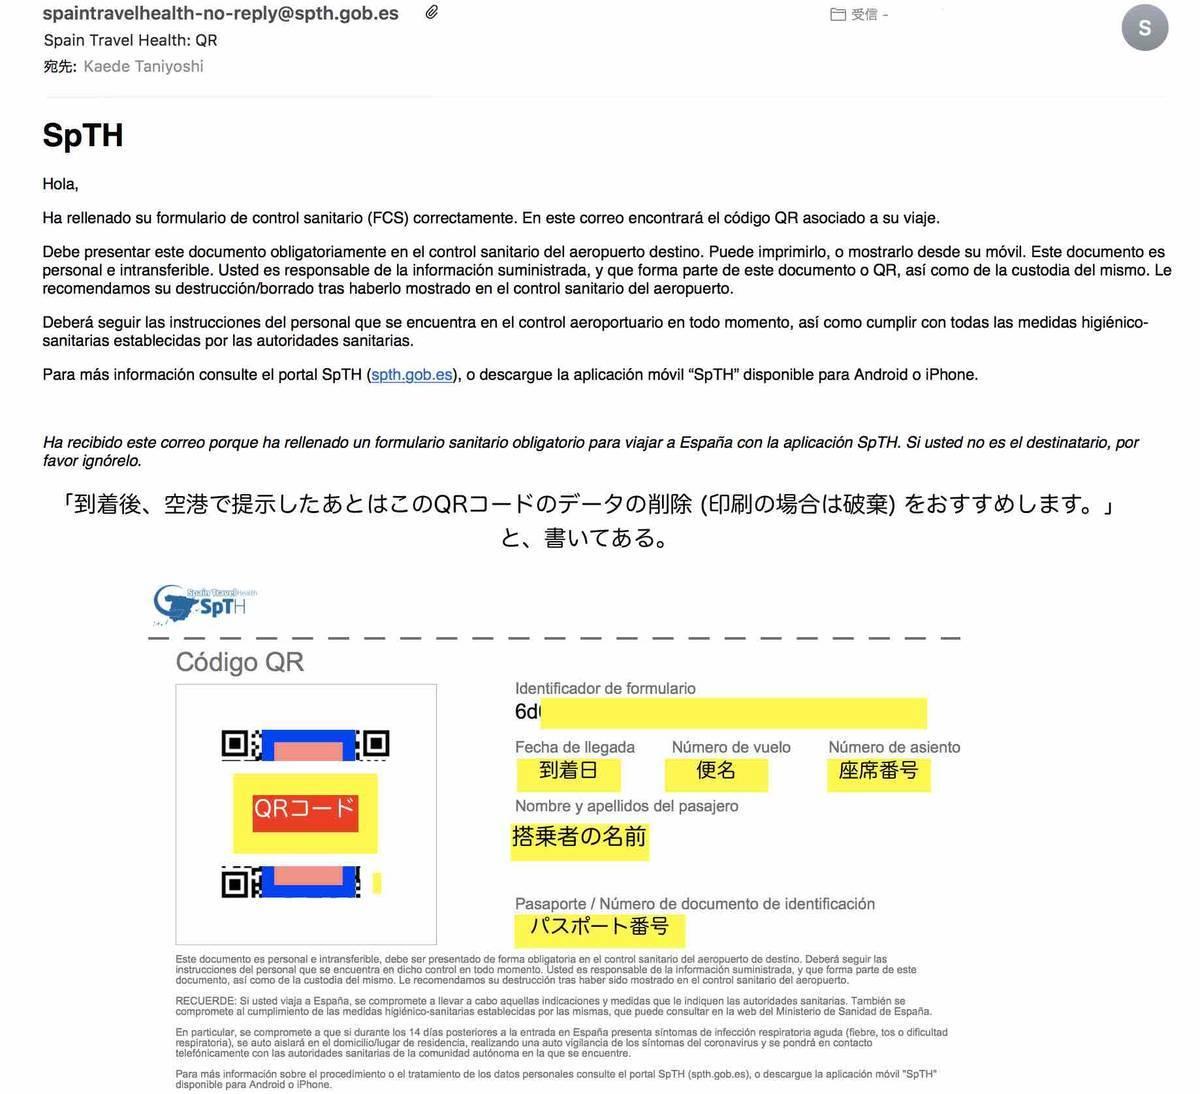 f:id:kaedetaniyoshi:20200709181019j:plain